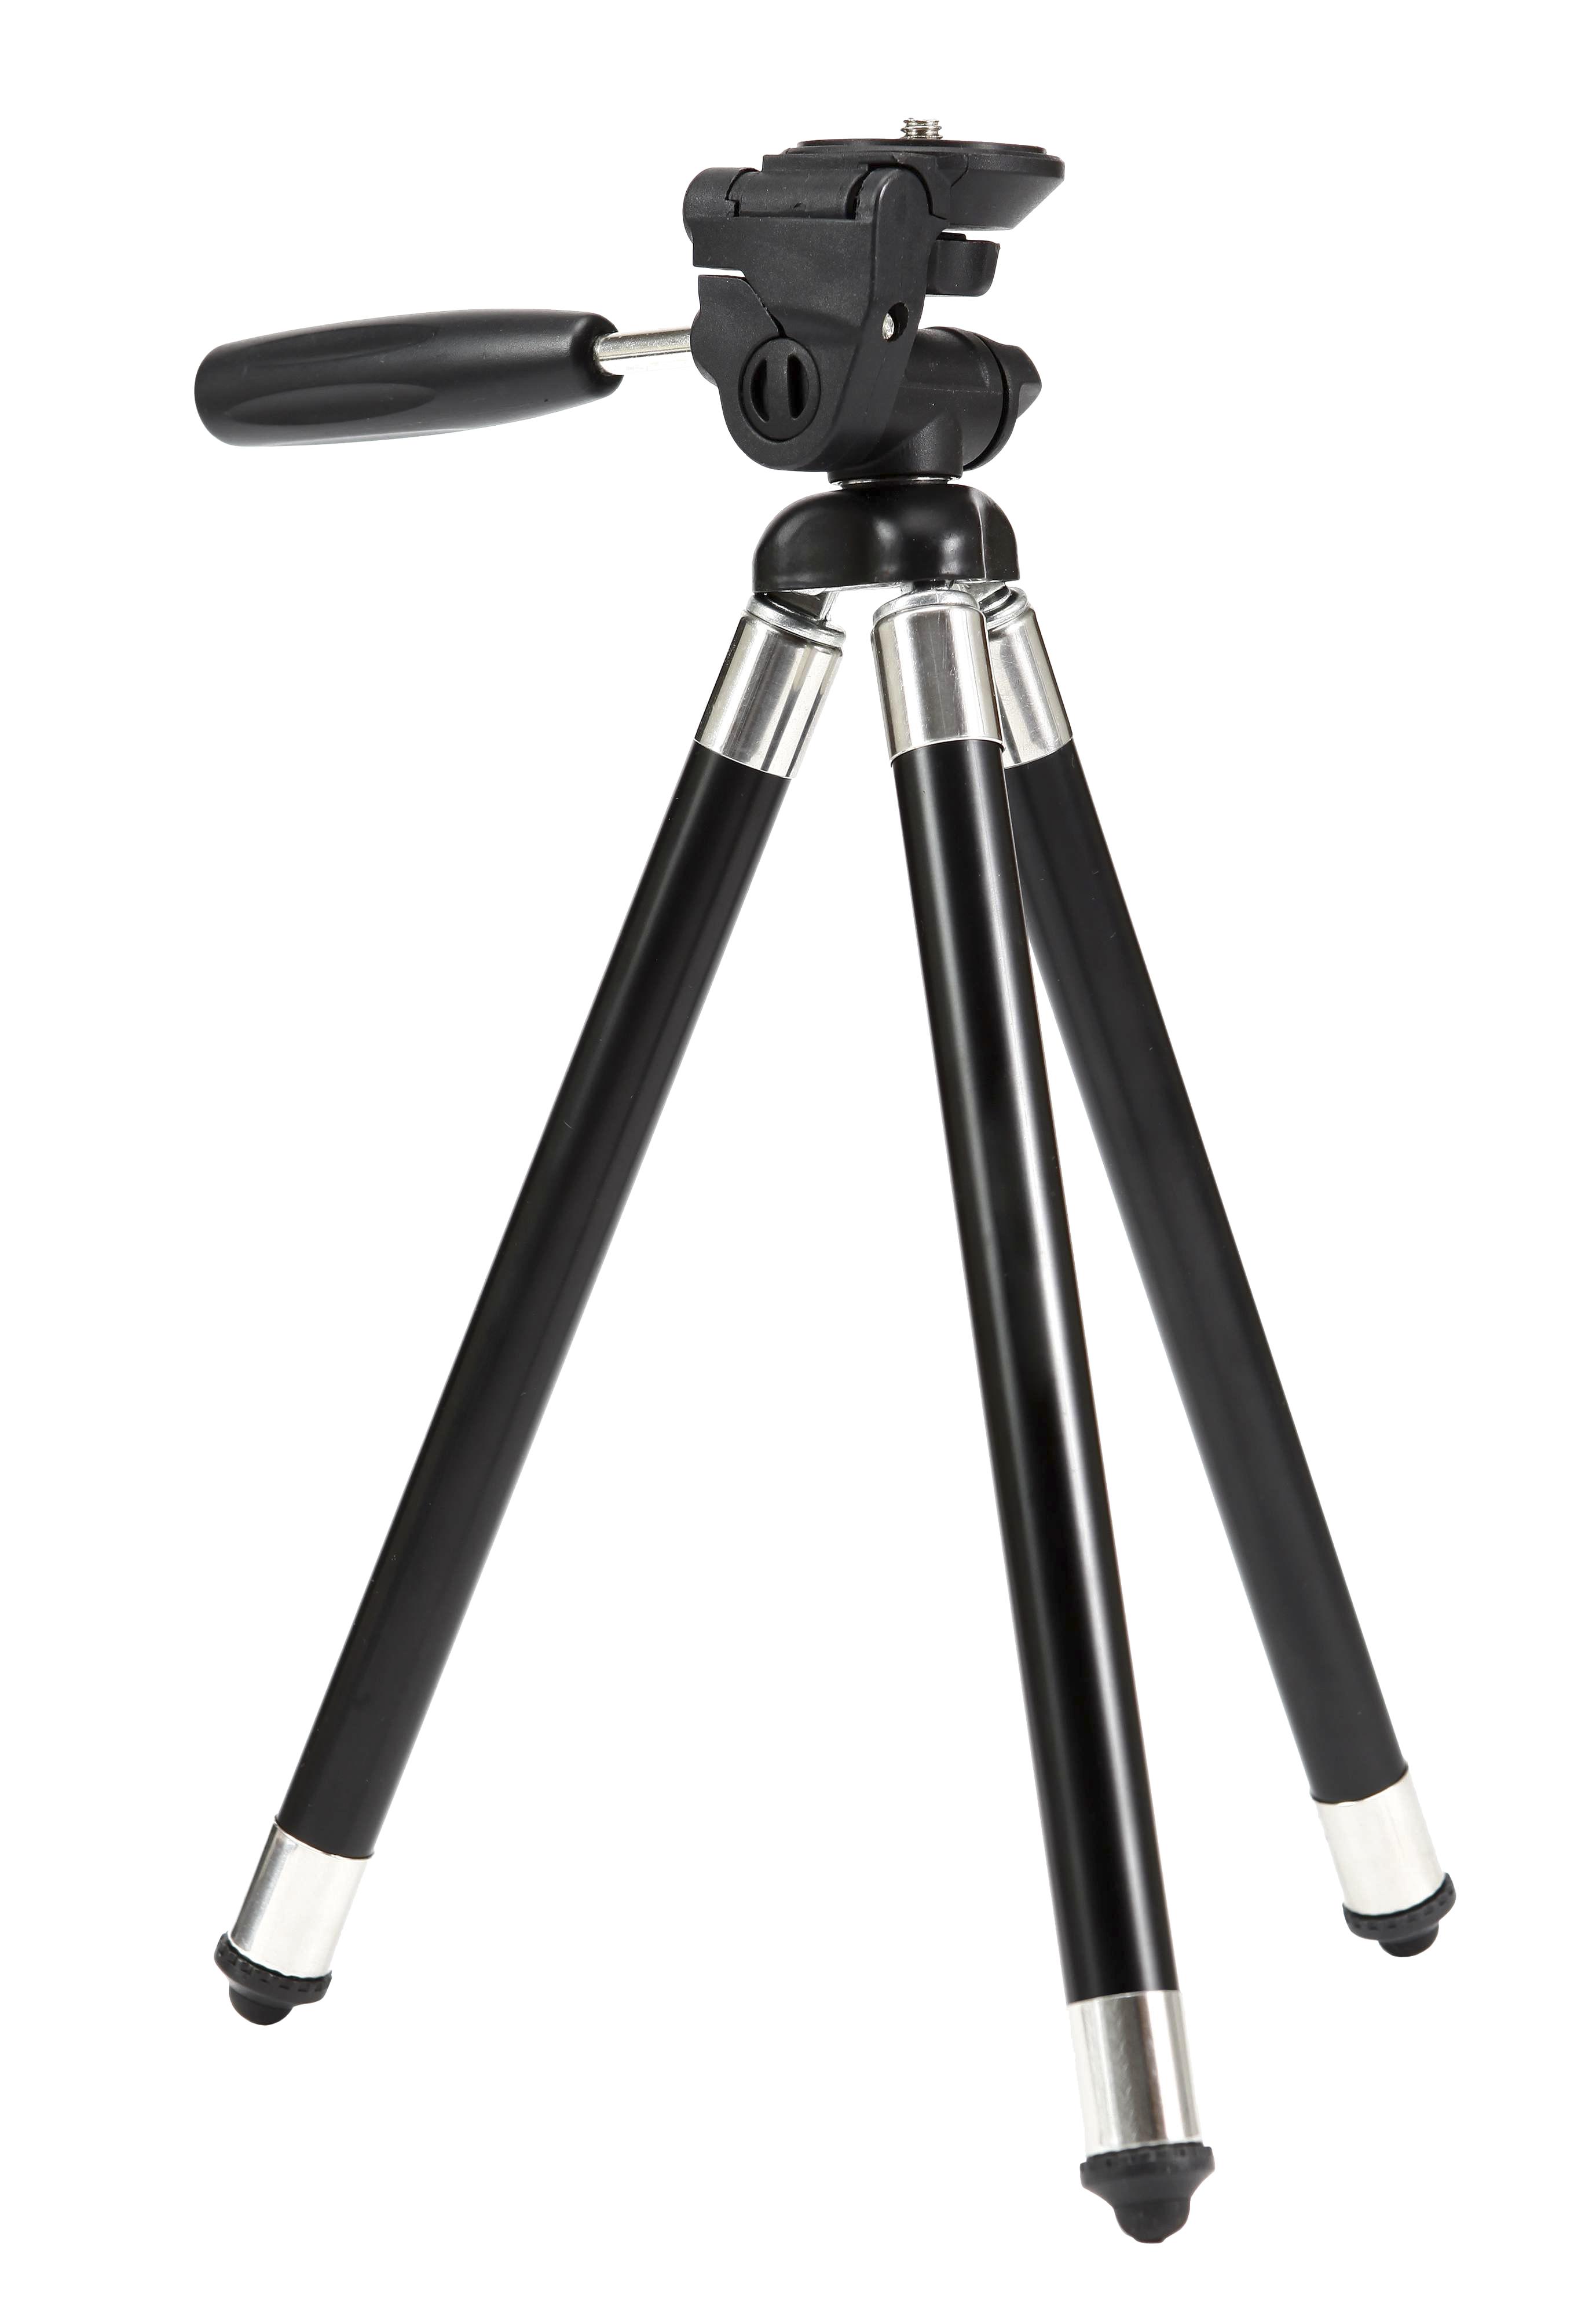 Nikon Походный штатив для компактных камерШтативы<br>Вы хотите получить максимум от своей камеры COOLPIX? <br> В этом вам поможет телескопический металлический штатив, предназначенный как для съемки фотографий, так и для видеосъемки. Простой в использовании, переносной и расширяемый до 103 см. Его длина в сложенном виде всего 29 см, да и весит он всего 390 грамм. <br> Штатив позволяет поворачивать голову на 360 градусов и легко переключать с пейзажа на портрет. Эргономичные рычажные ножные фиксаторы быстро открываются и закрываются. Крепежный винт подходит для всех камер COOLPIX, а также KeyMission 170 и KeyMission 360.